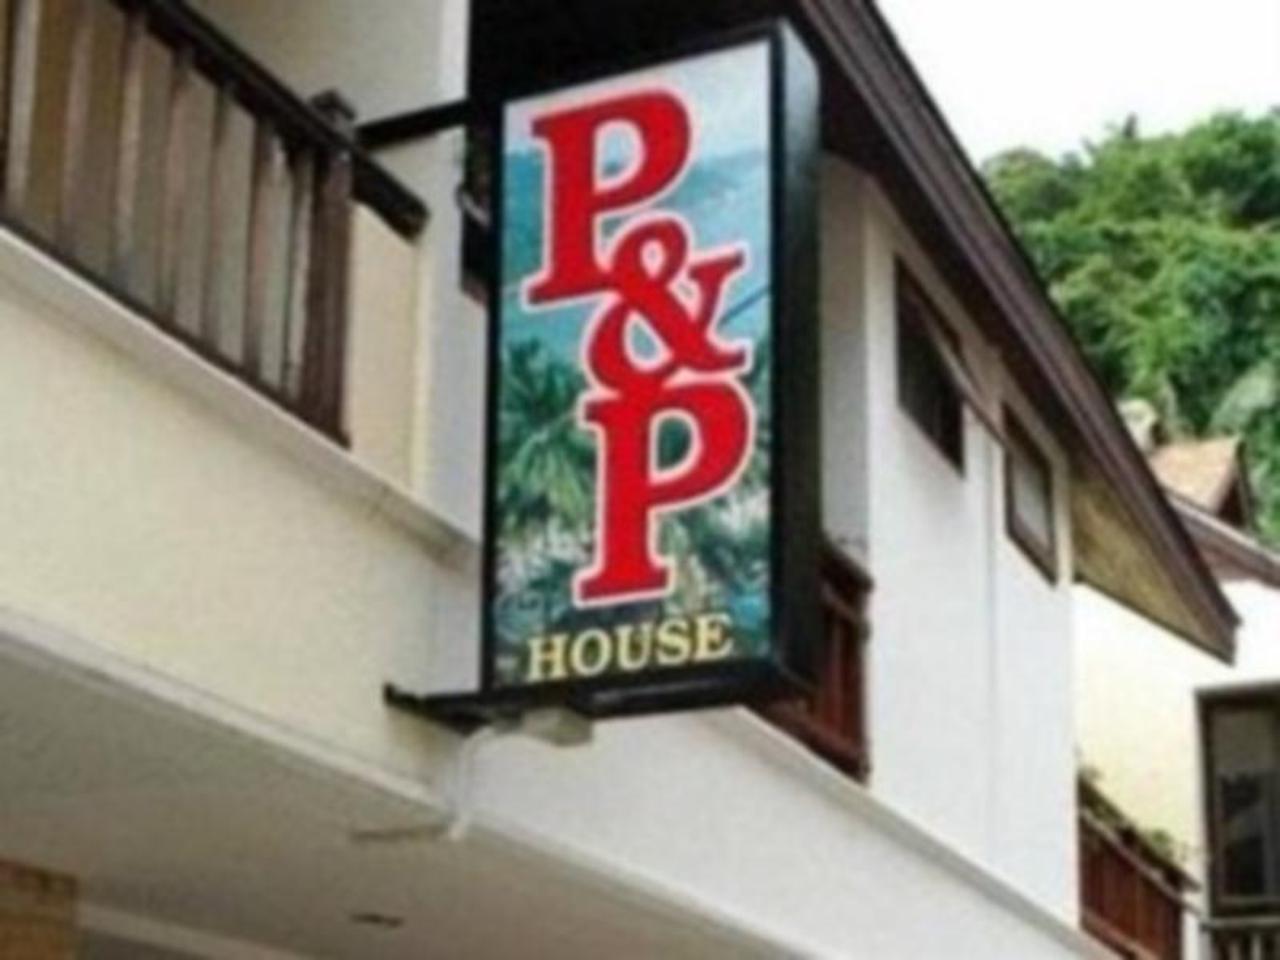 พี แอนด์ พี เฮาส์ (P&P House)